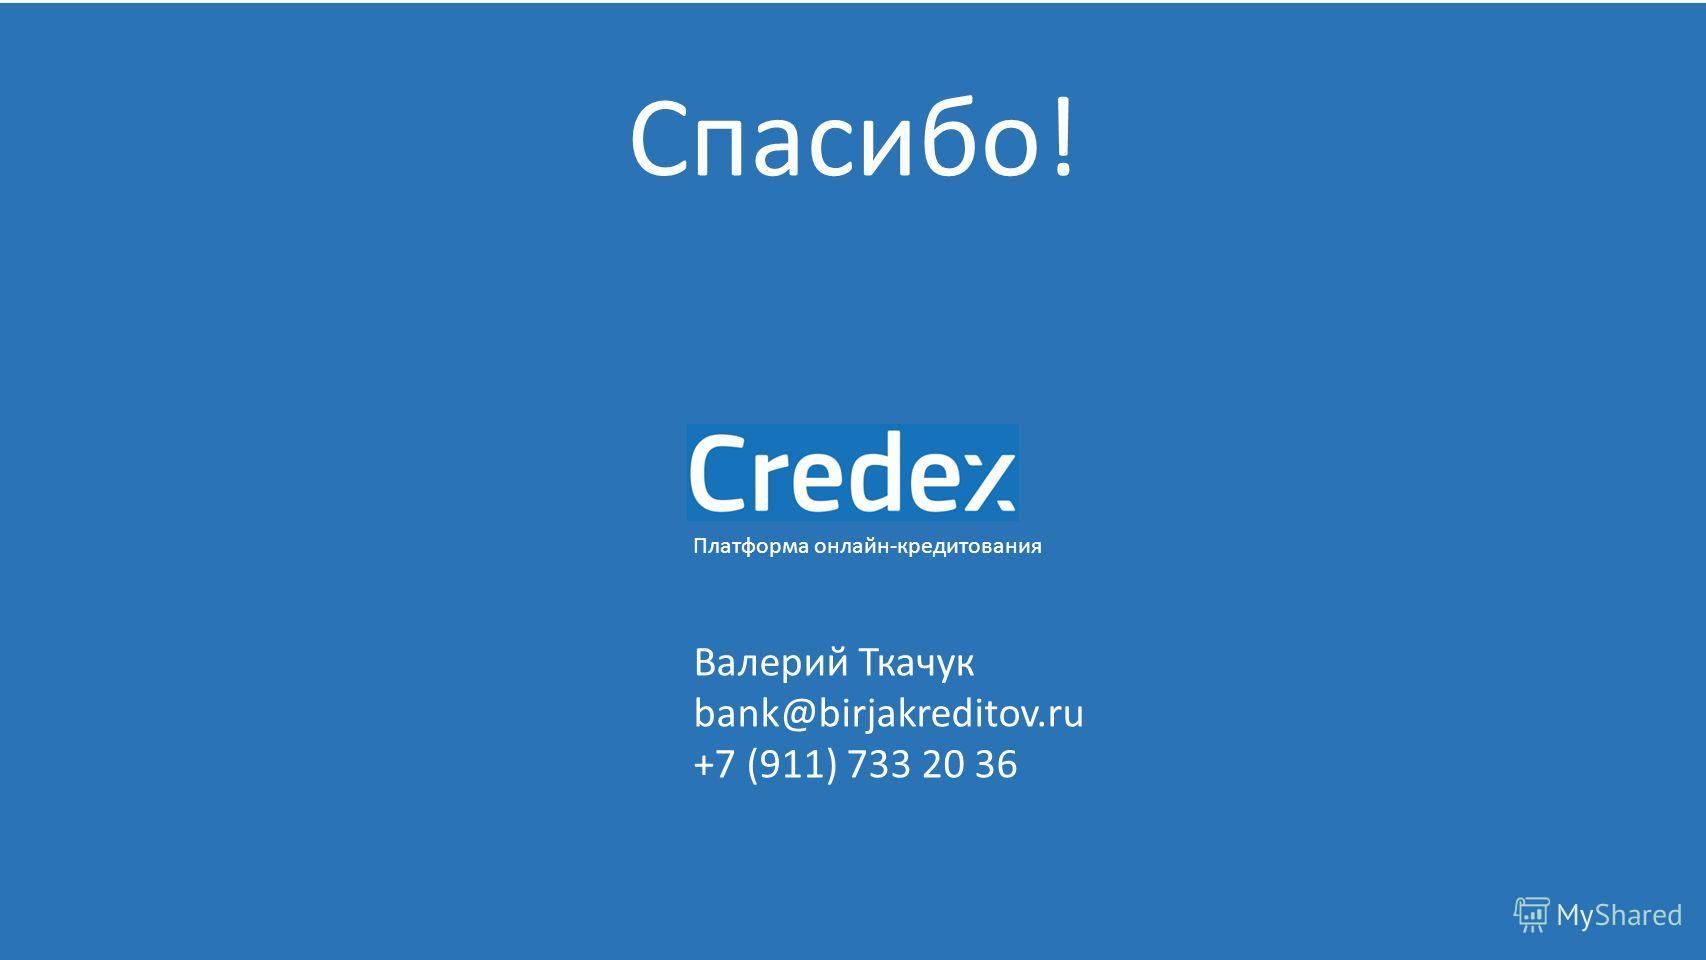 Платформа онлайн-кредитования Спасибо! Валерий Ткачук bank@birjakreditov.ru +7 (911) 733 20 36